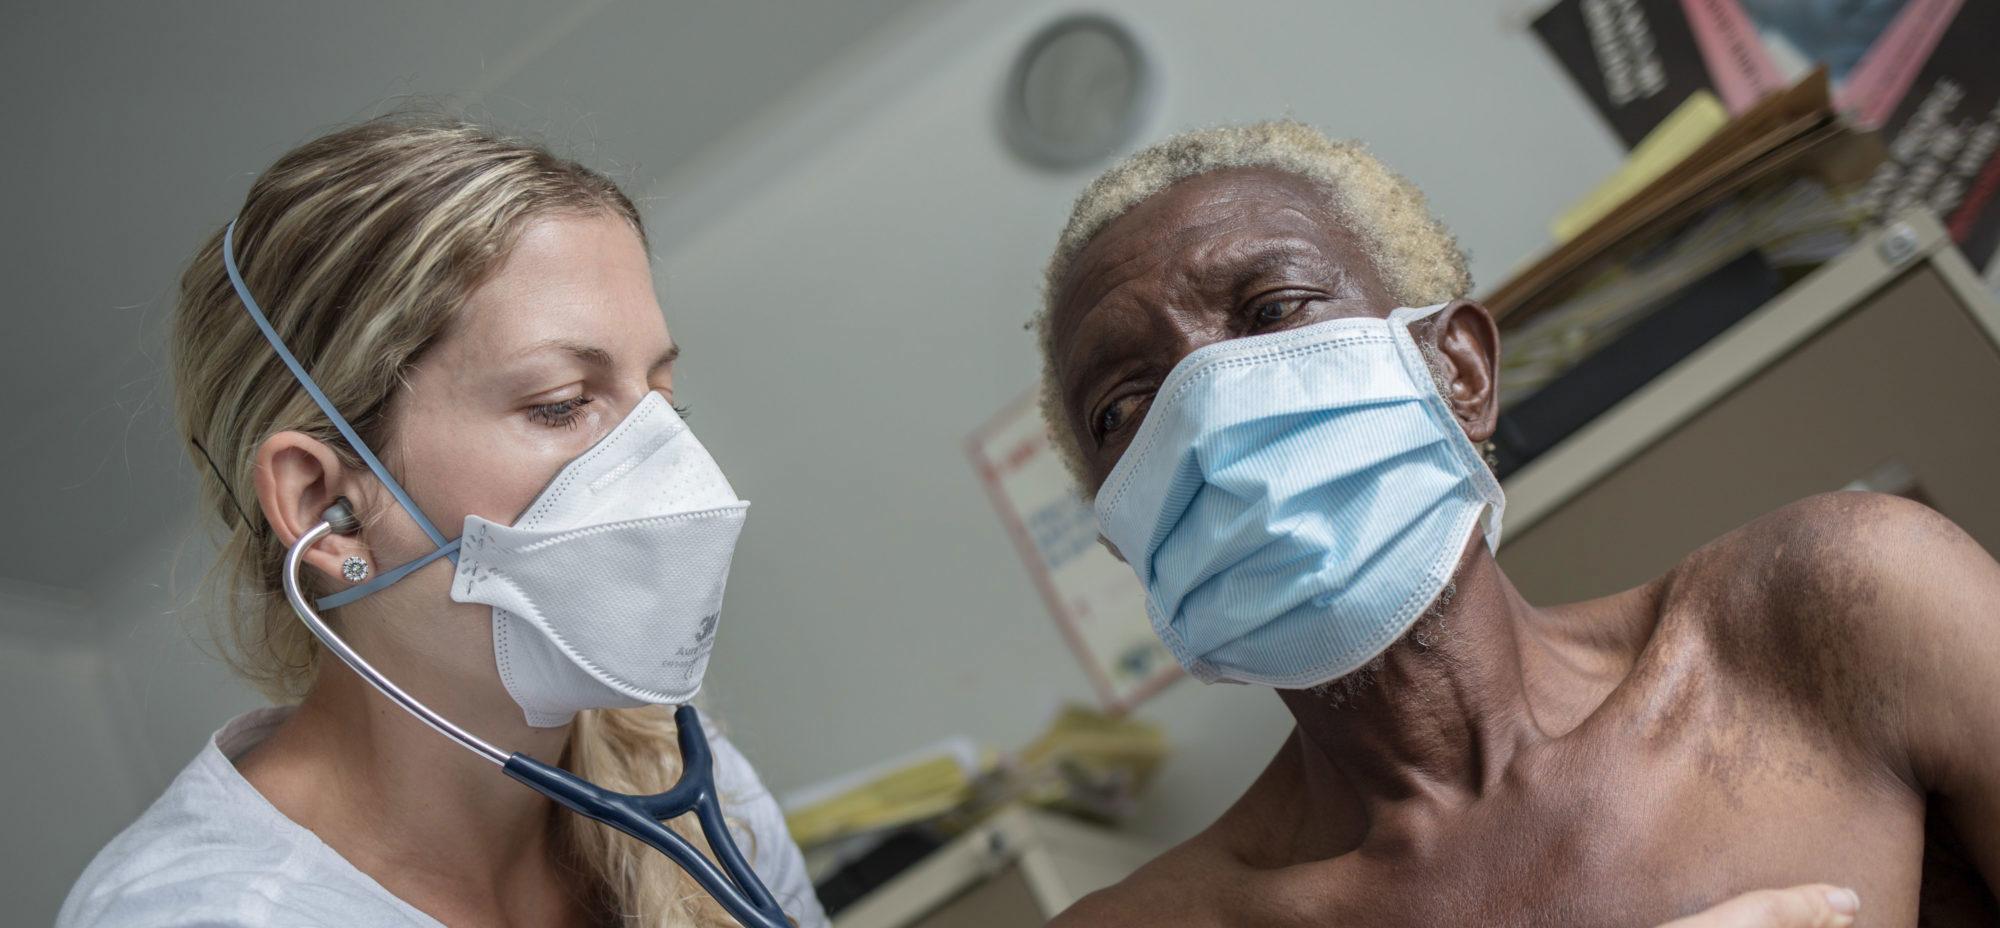 Tuberkulose er den mest dødbringende infektionssygdom i verden – den har overhalet hiv/aids. Hvert 18. sekund dør et menneske af sygdommen.